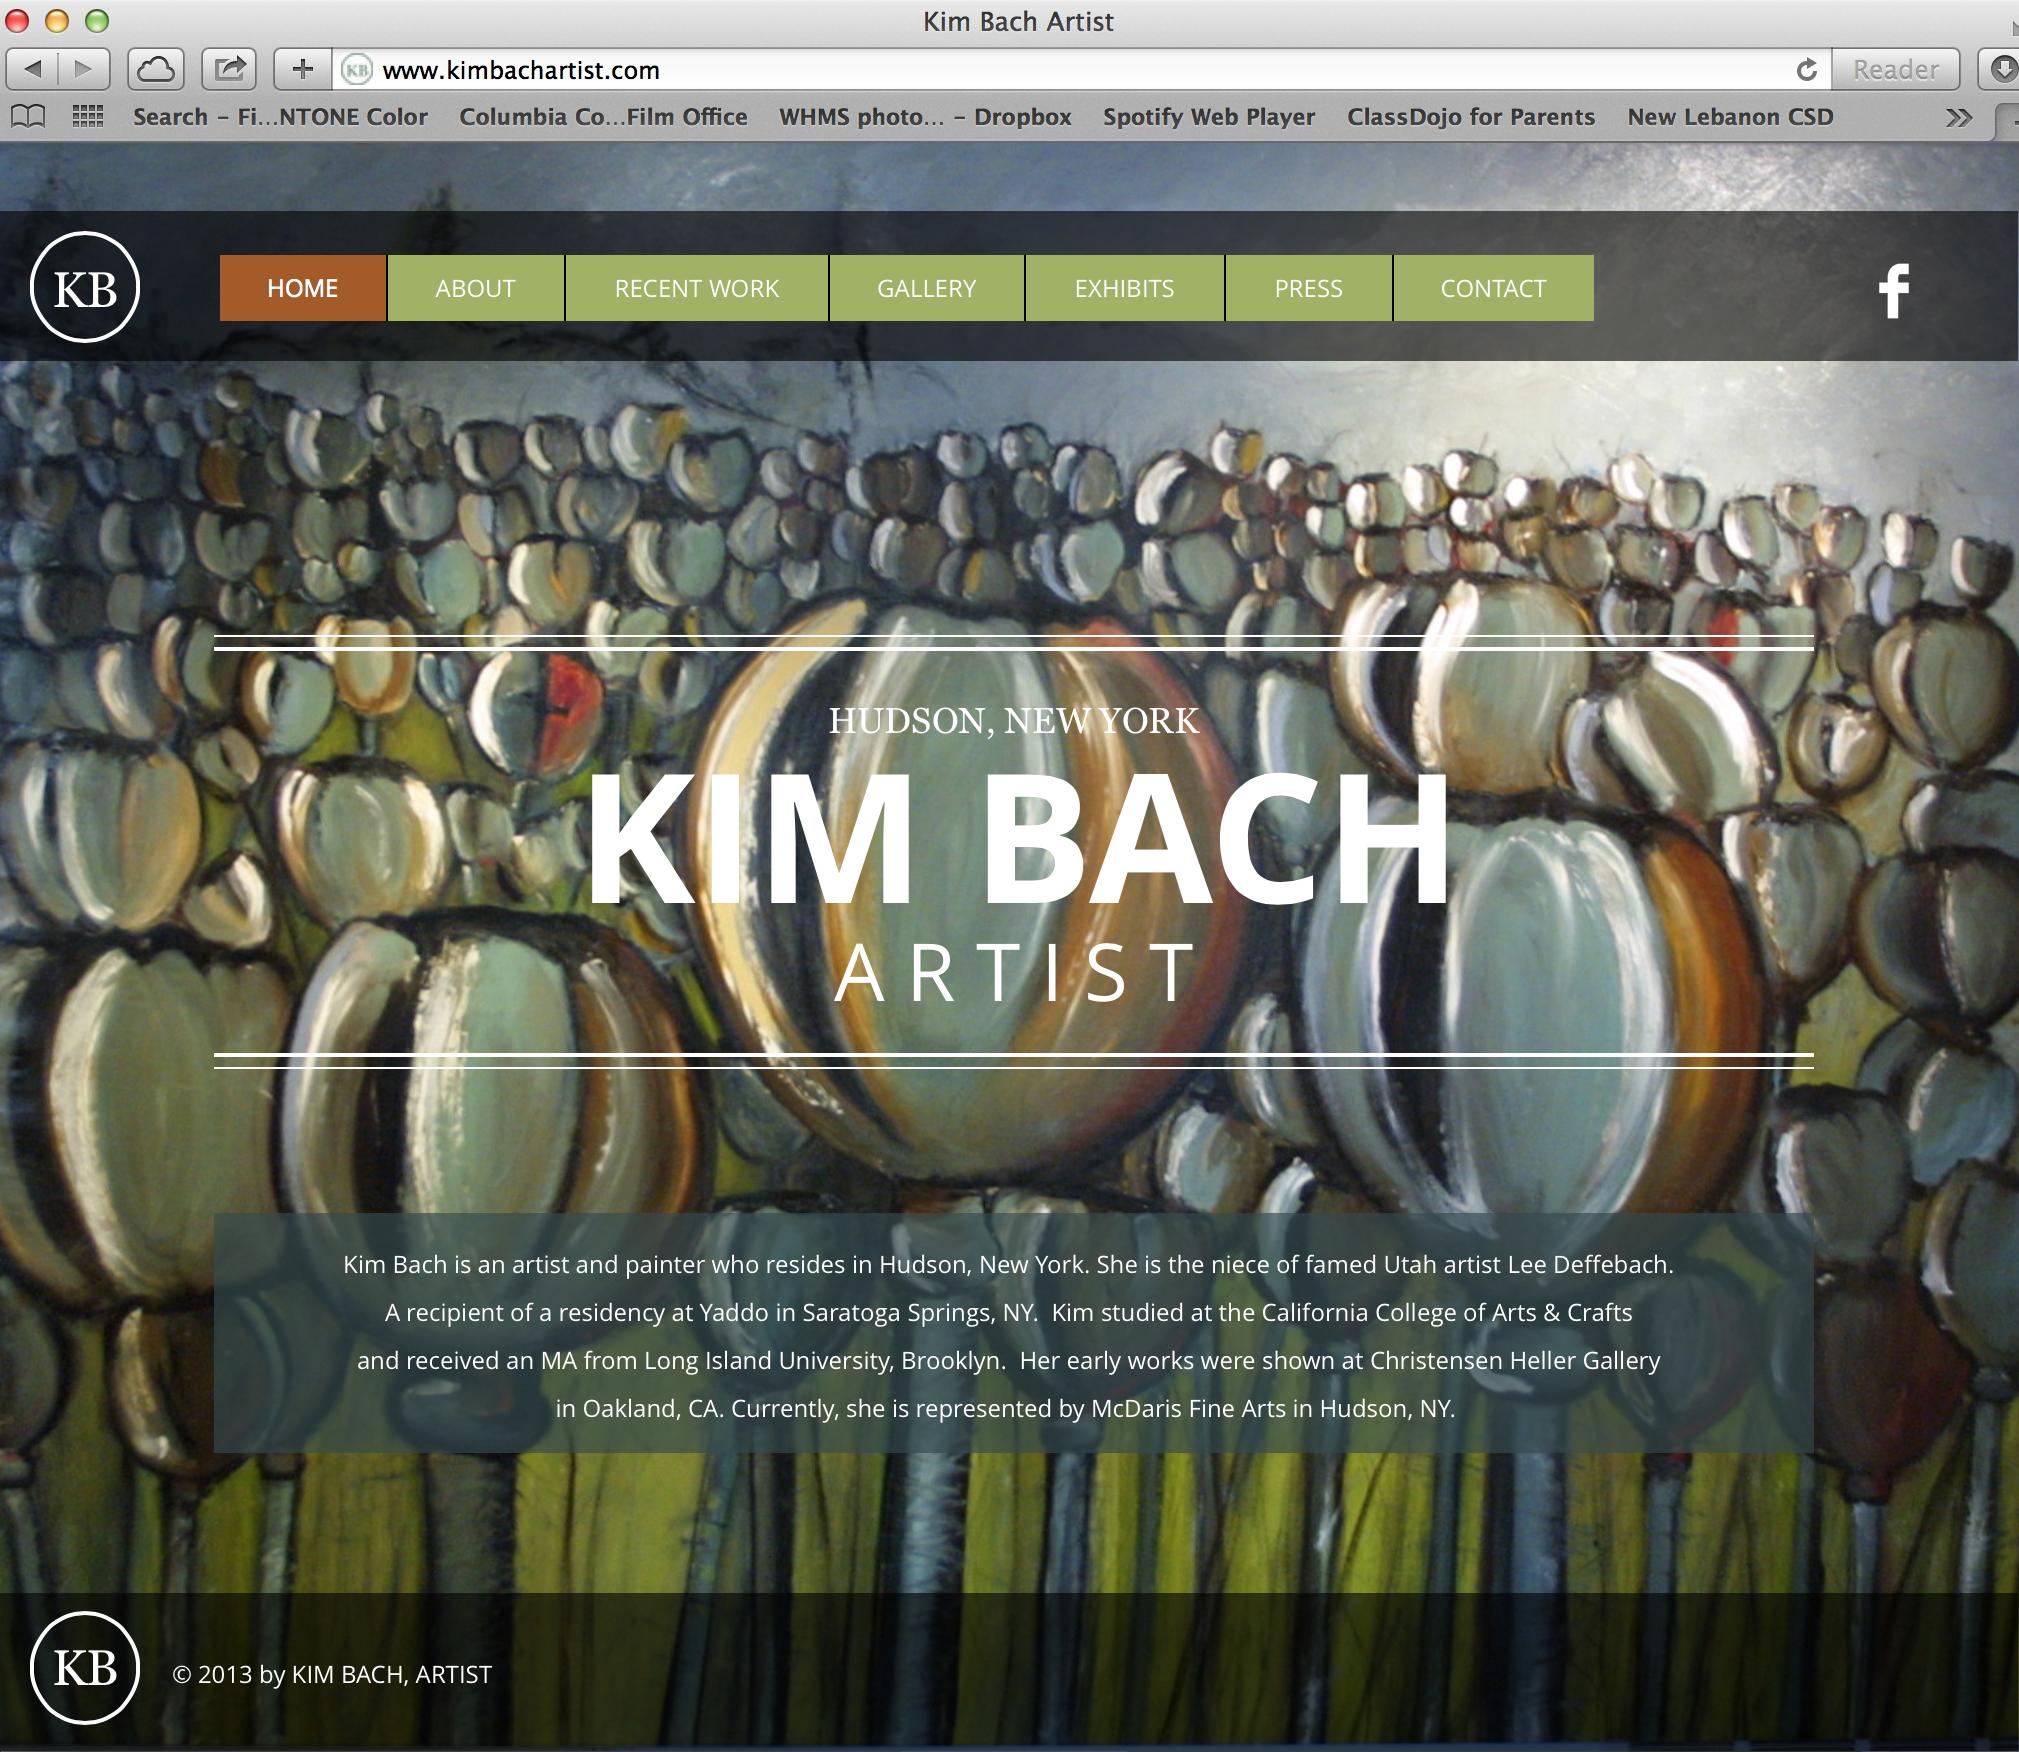 Kim Bach Artist